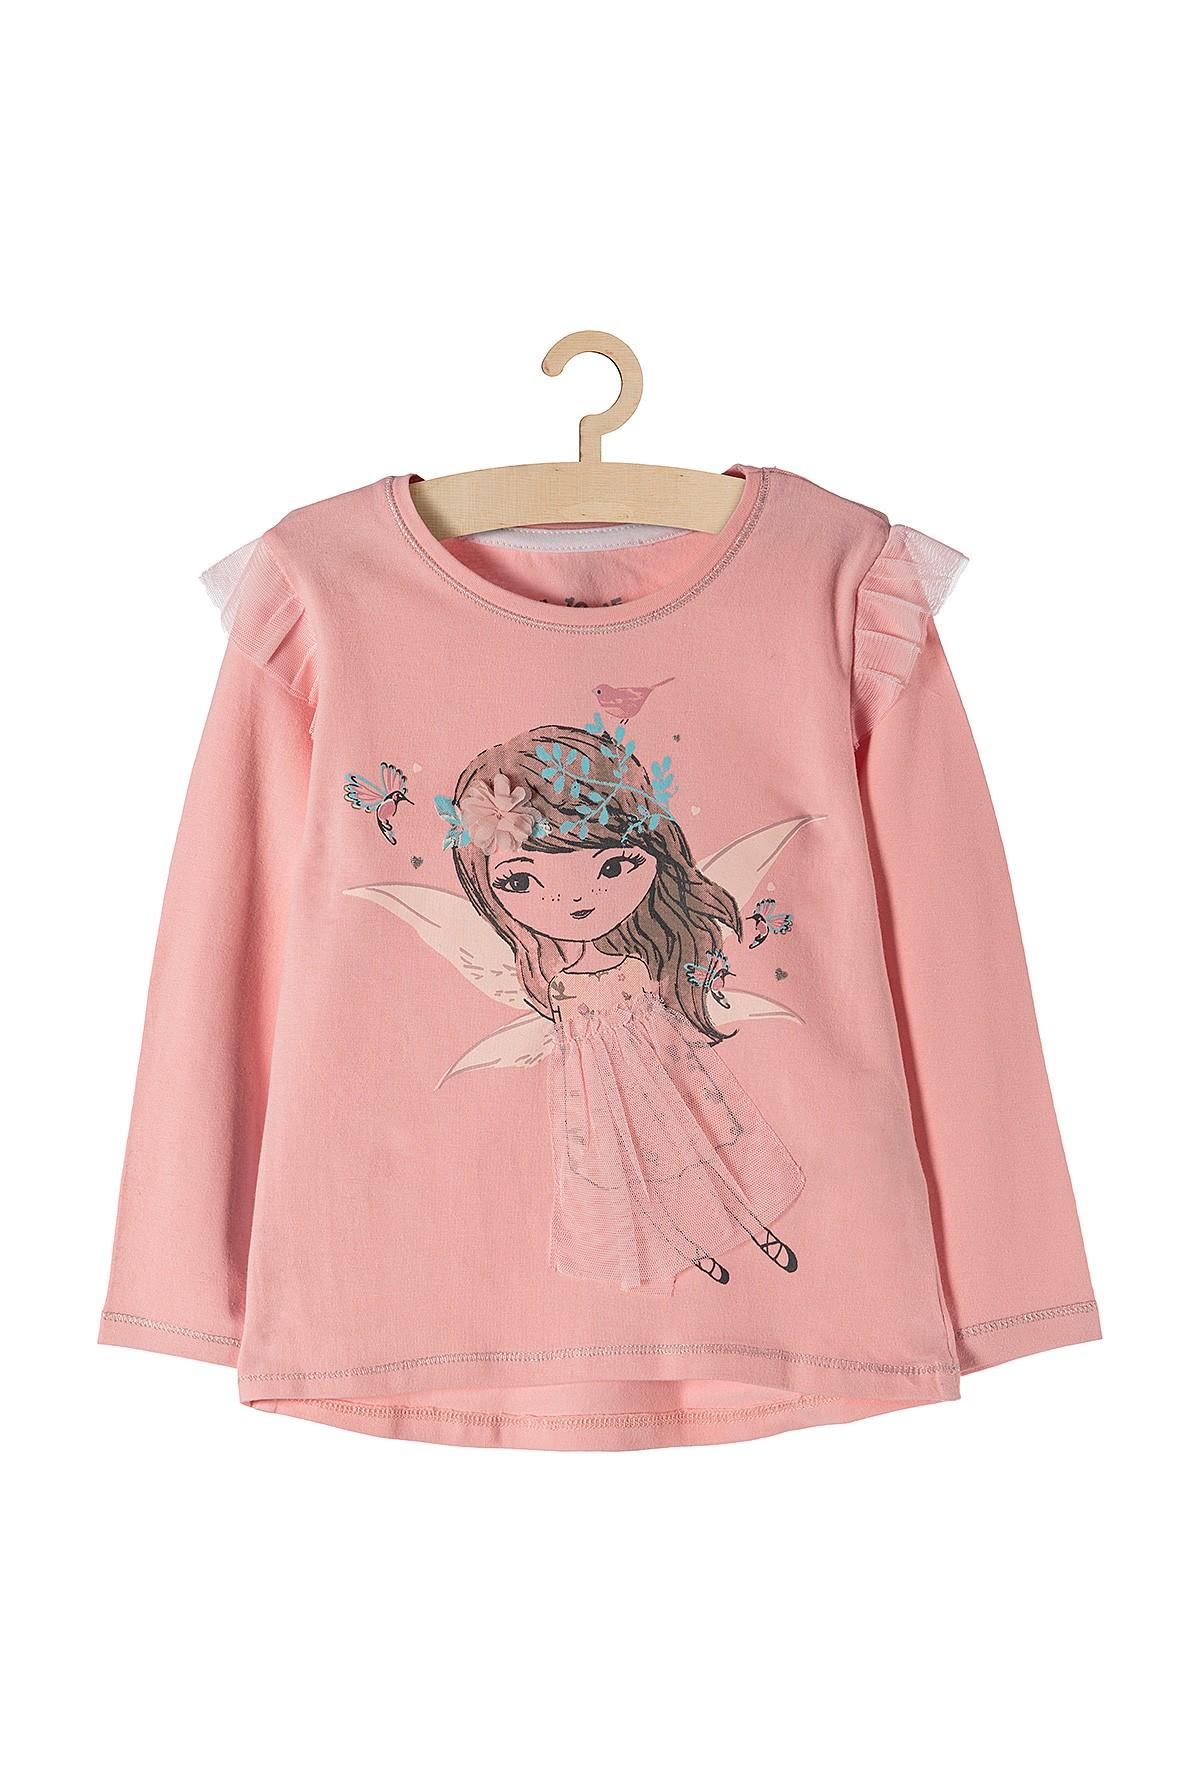 Bluzka dziewczęca różowa z tiulowymi dodatkami